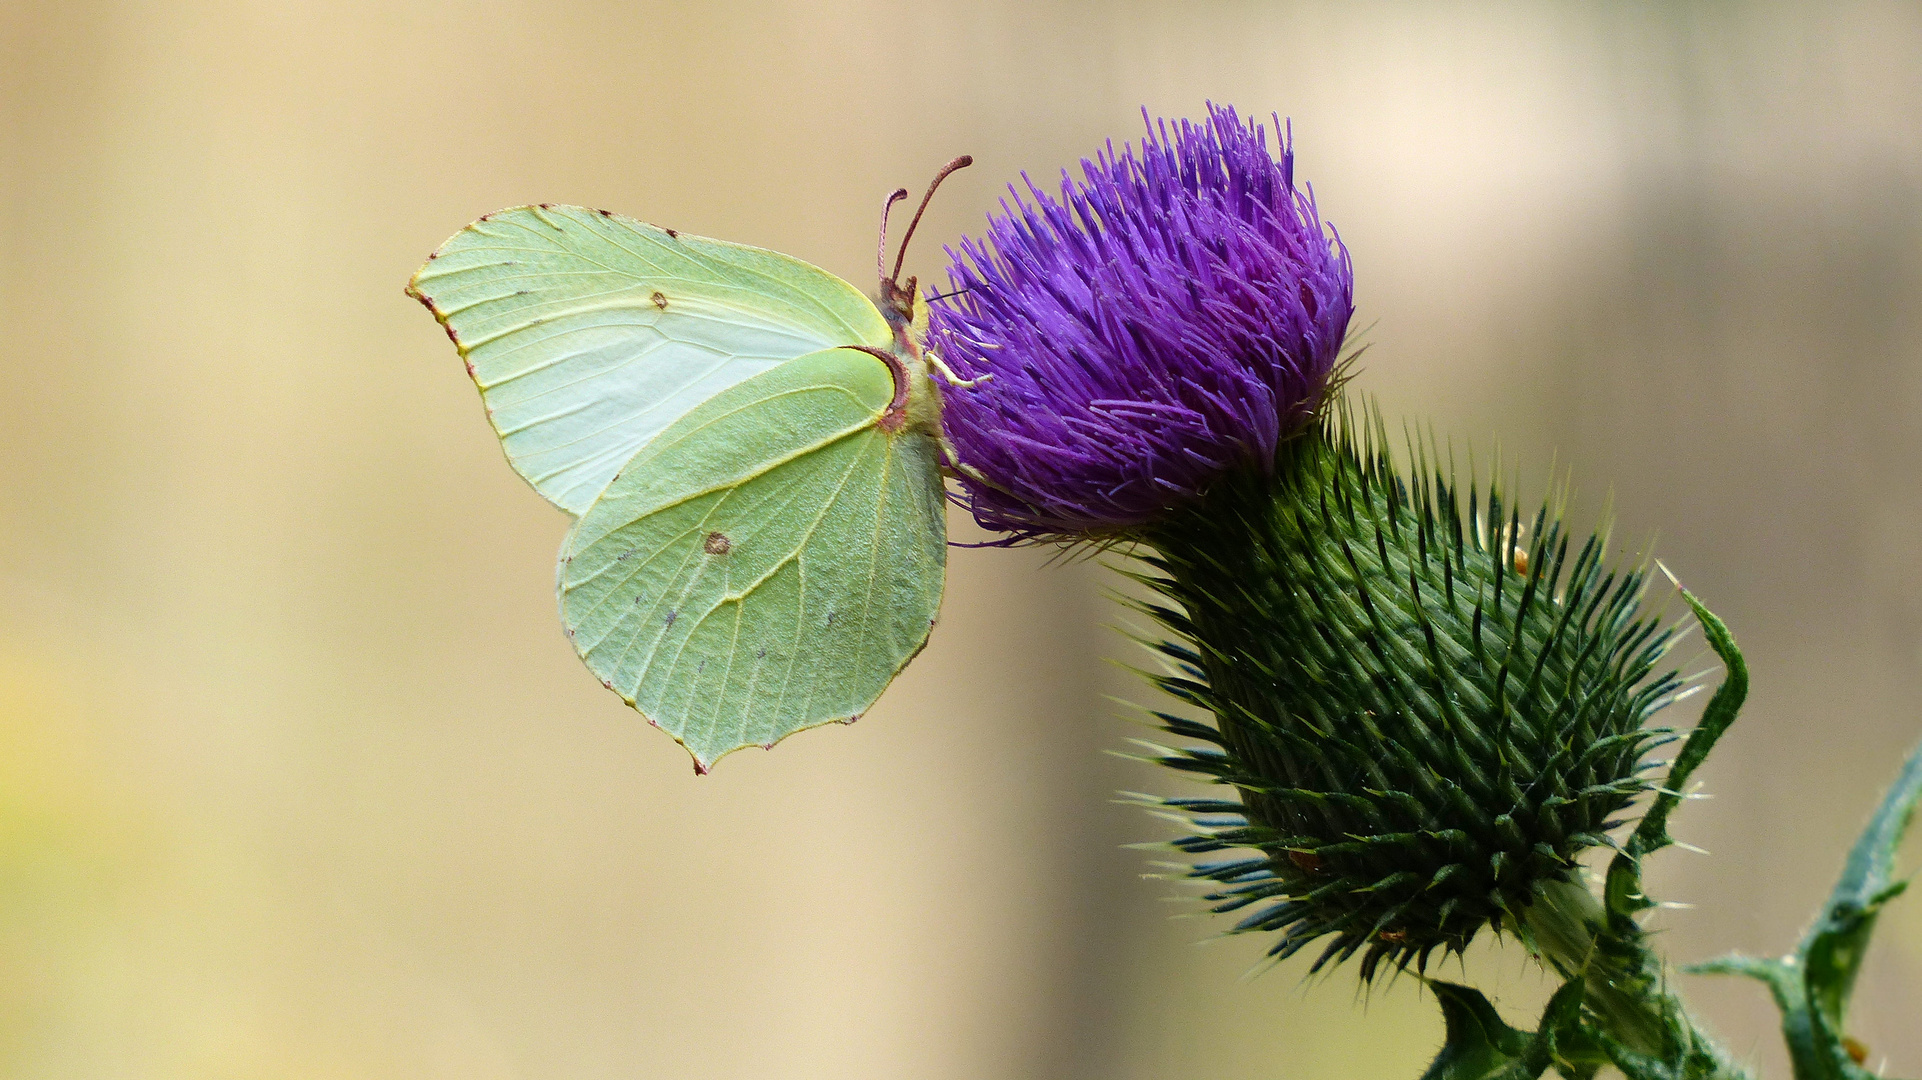 ... butterfly on the flower of burdock